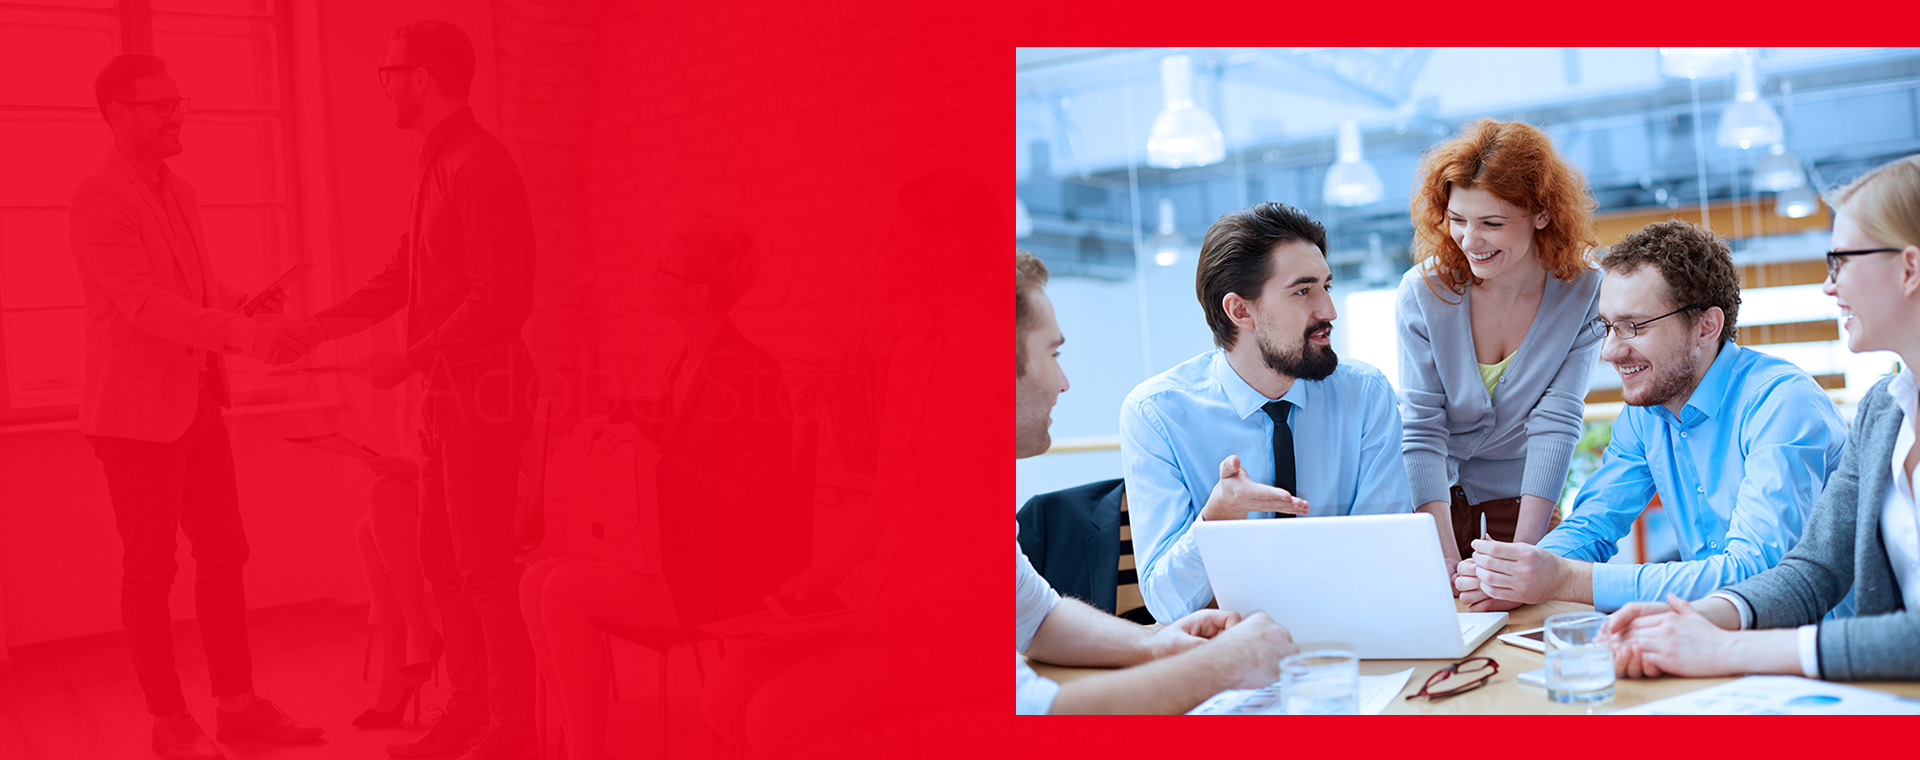 Od <span>blisko 20 lat pomagamy polskim przedsiębiorcom</span> w realizacji ich celów biznesowych oferując optymalne rozwiązania z zakresu HR.